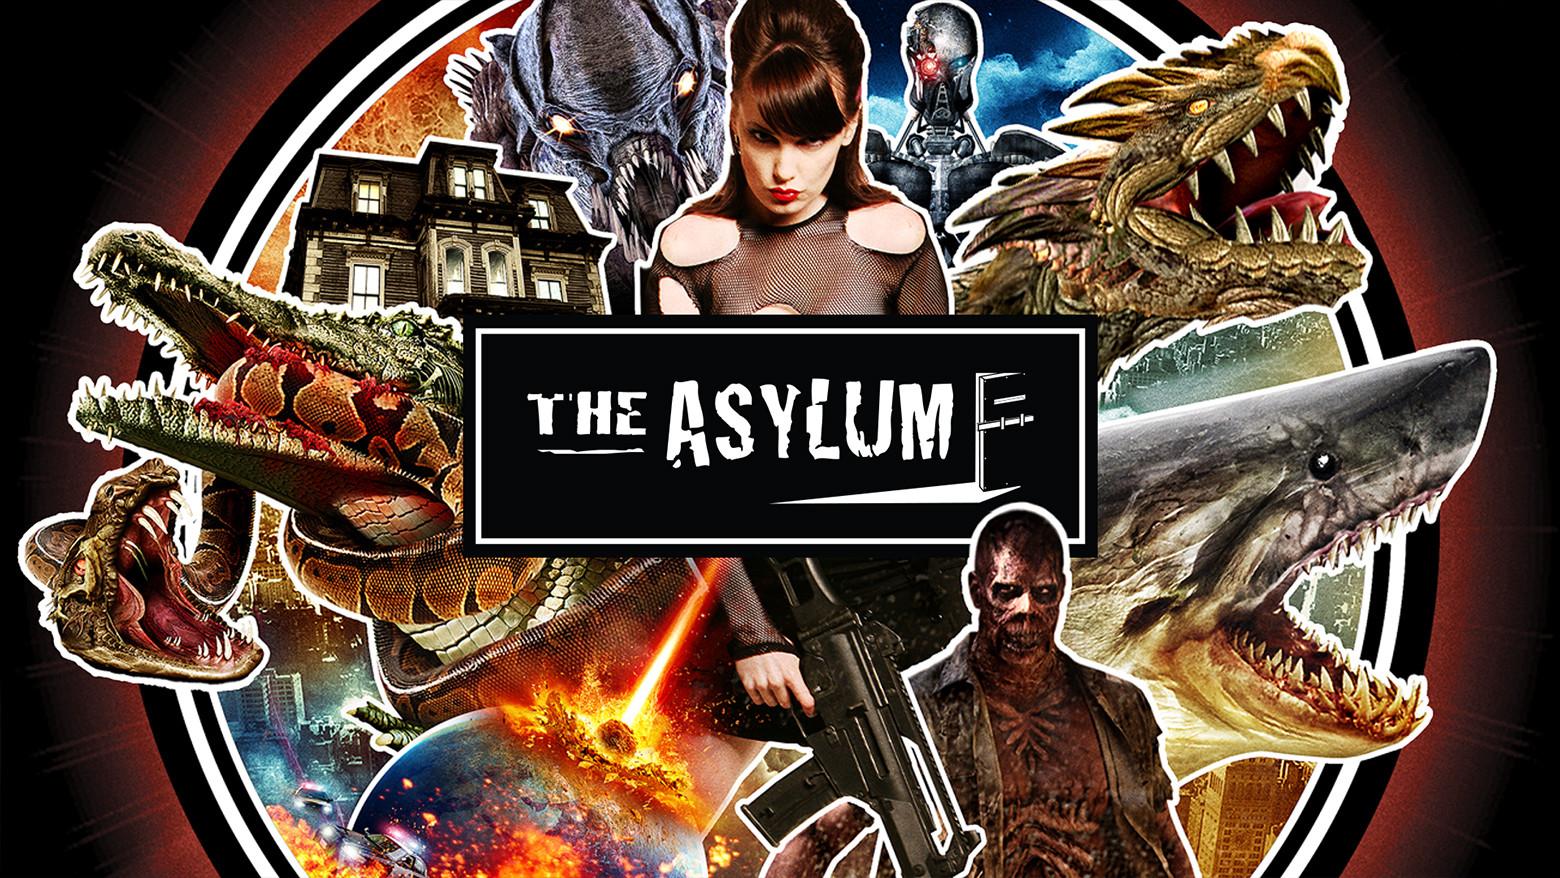 the asylum featuredImage.jpg